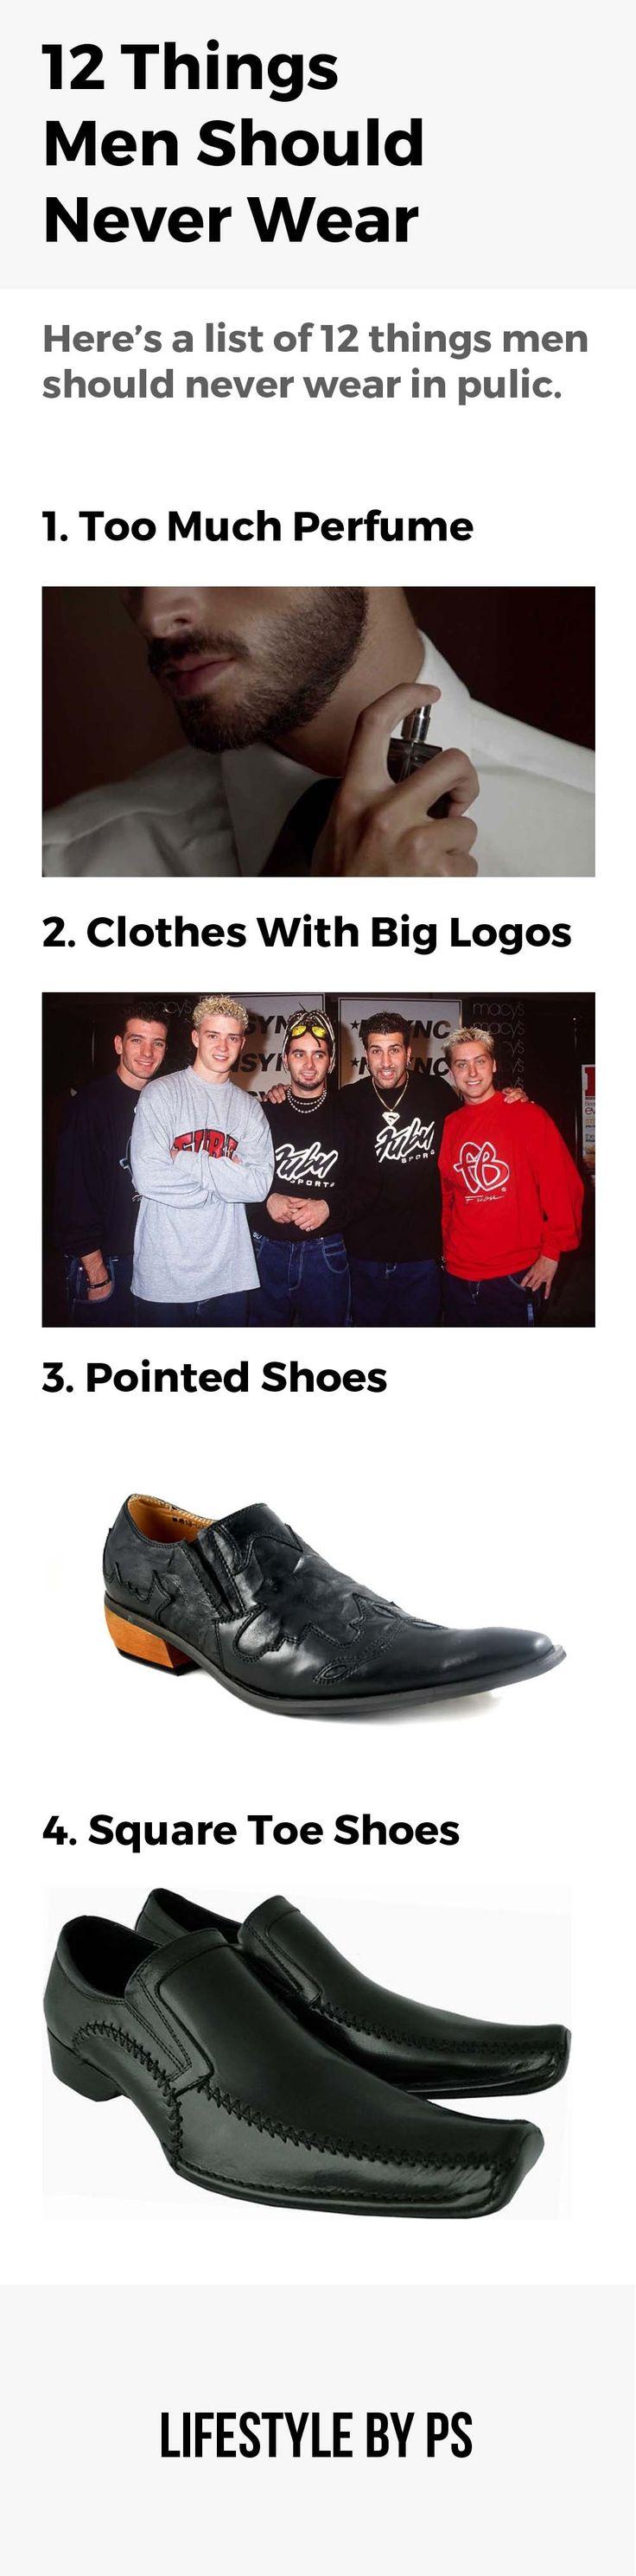 Things Men Should Not Wear In Public